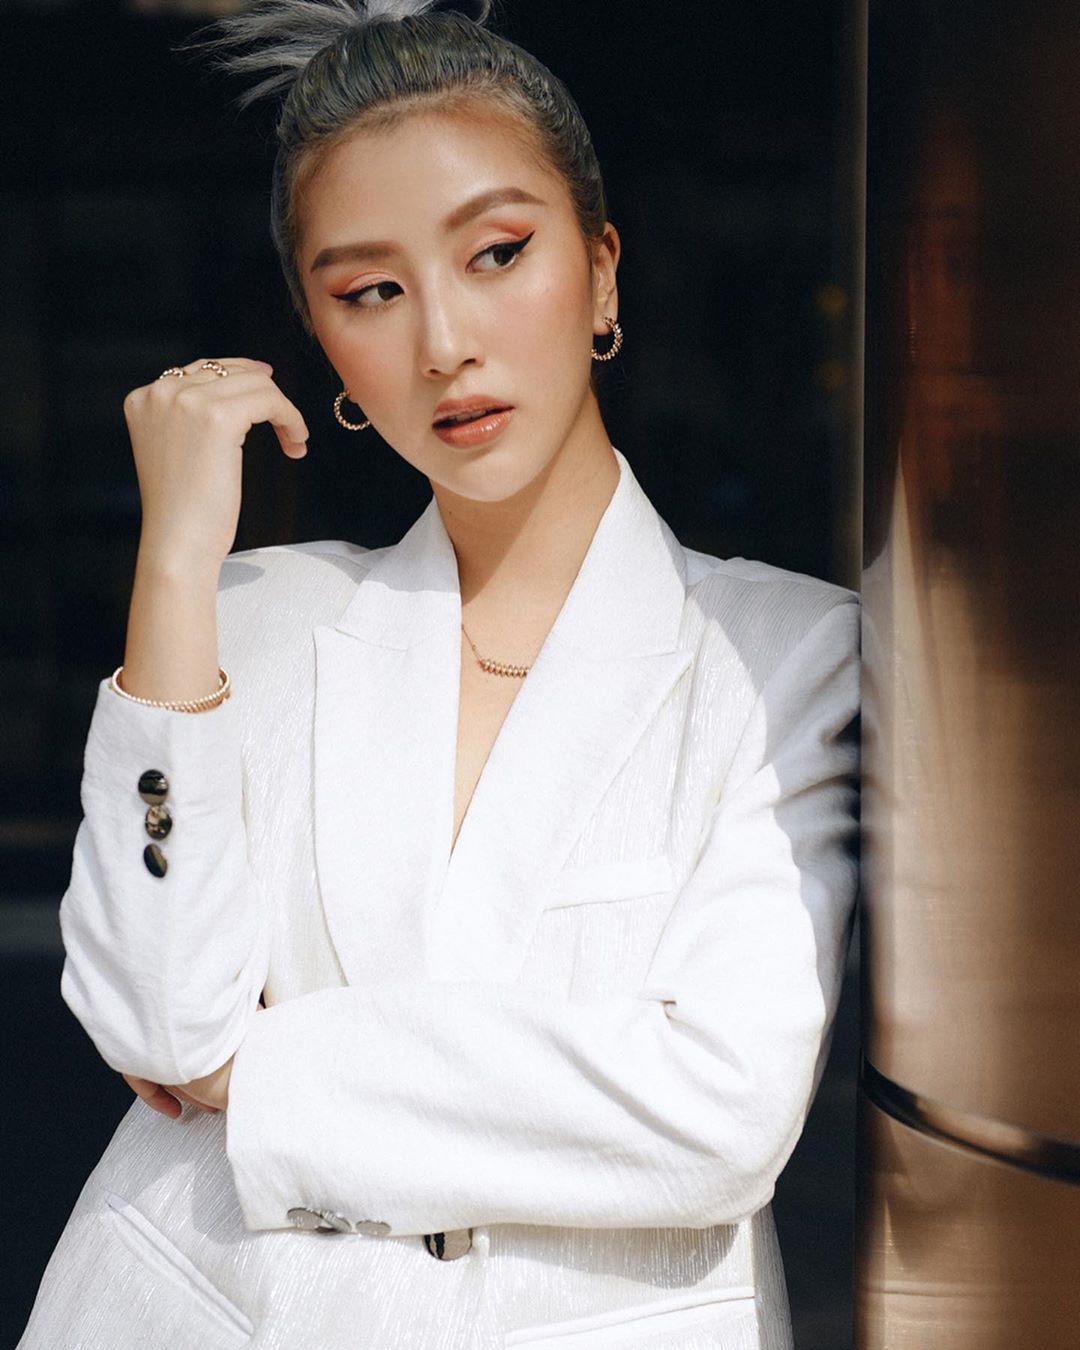 Dress code formal - Quỳnh Anh Shyn mặc blazer trắng, đeo trang sức mảnh